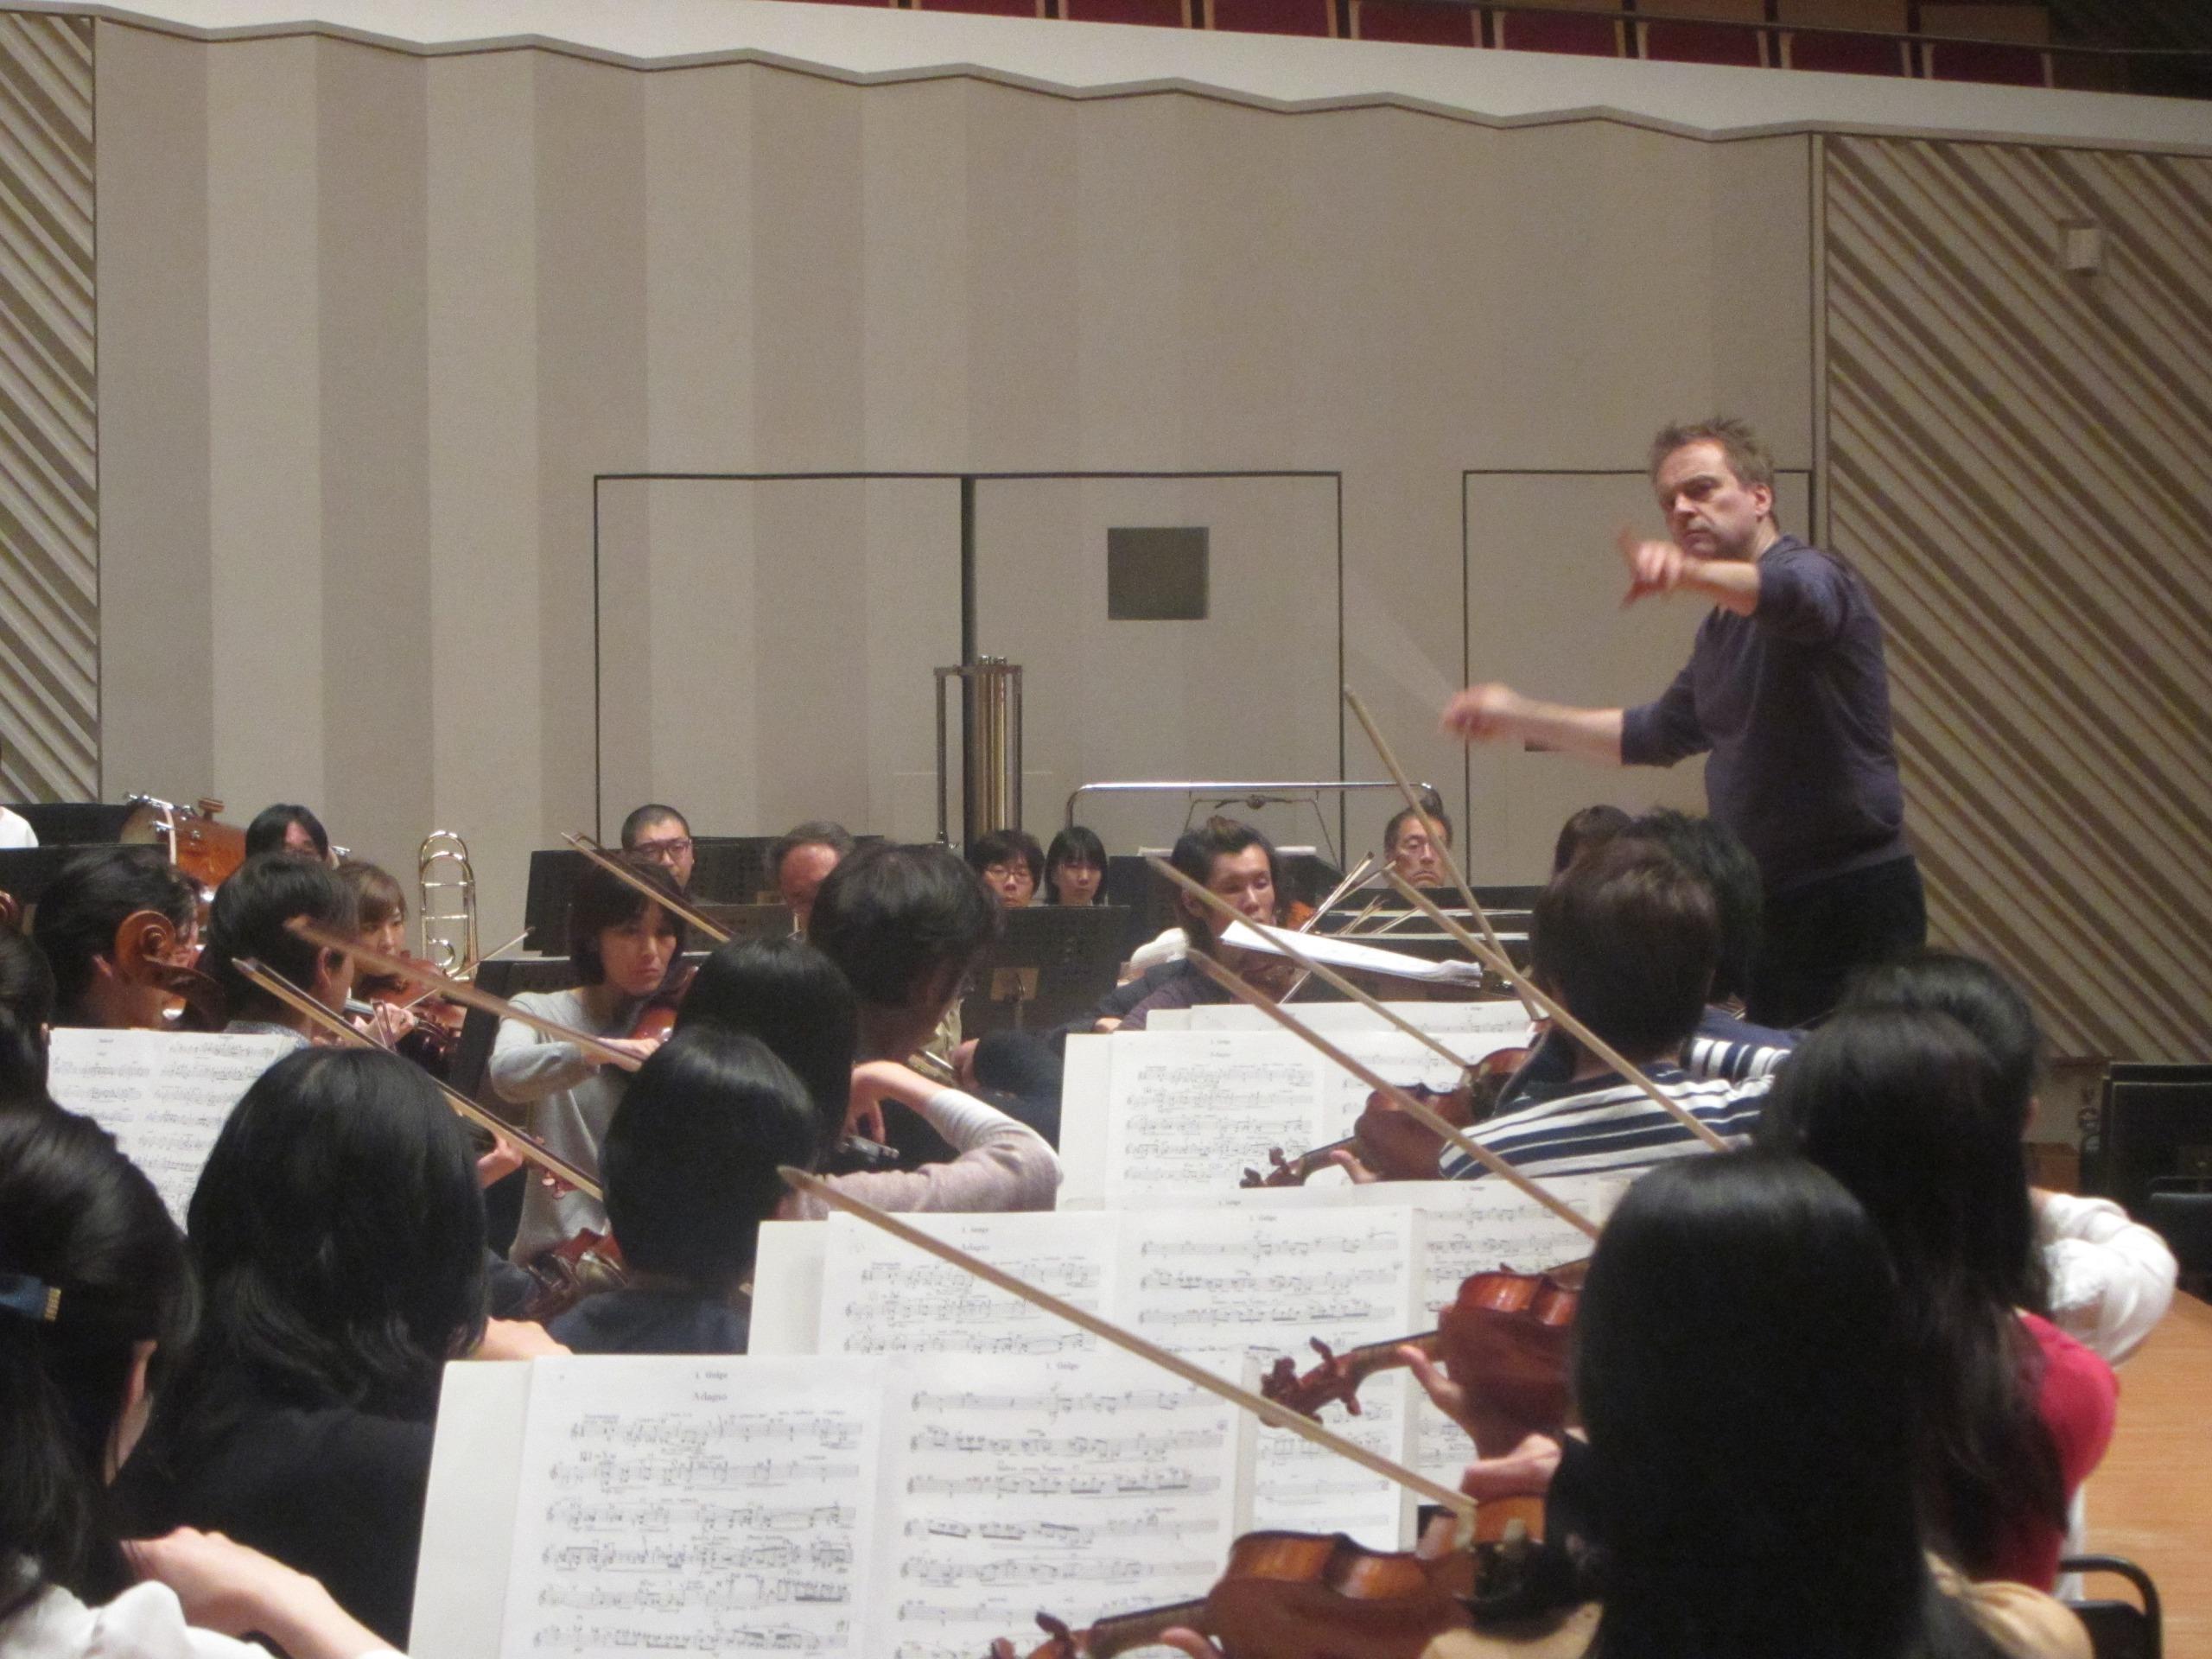 リハーサルは休憩をはさんで四時間行われた 提供:東京交響楽団